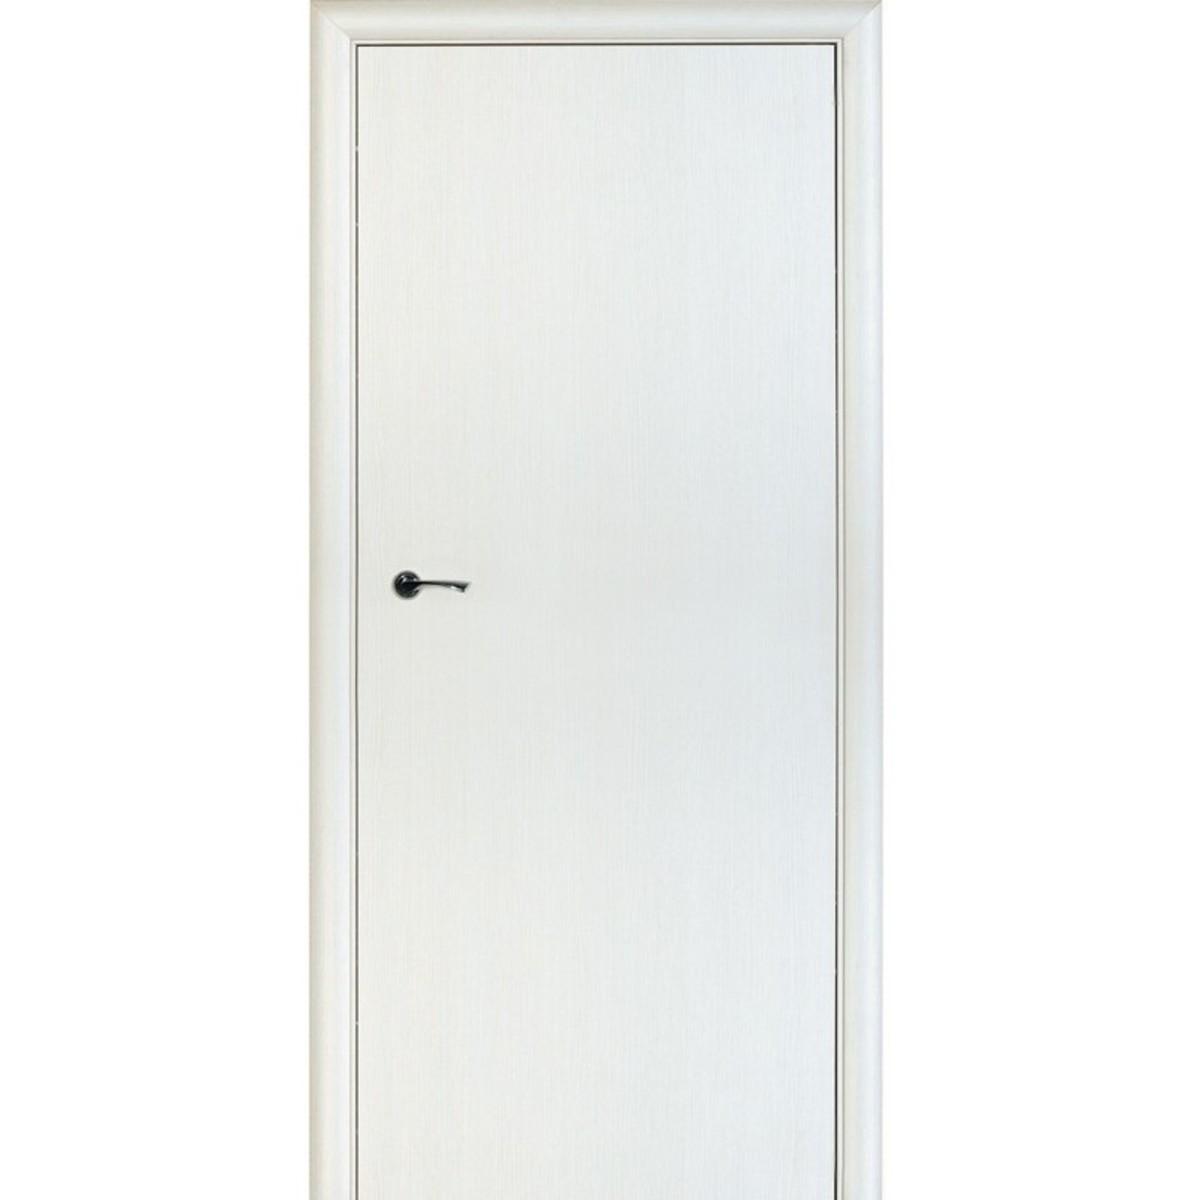 Дверь Межкомнатная Глухая Стандарт 90x200 Ламинация Цвет Бьянко 3d